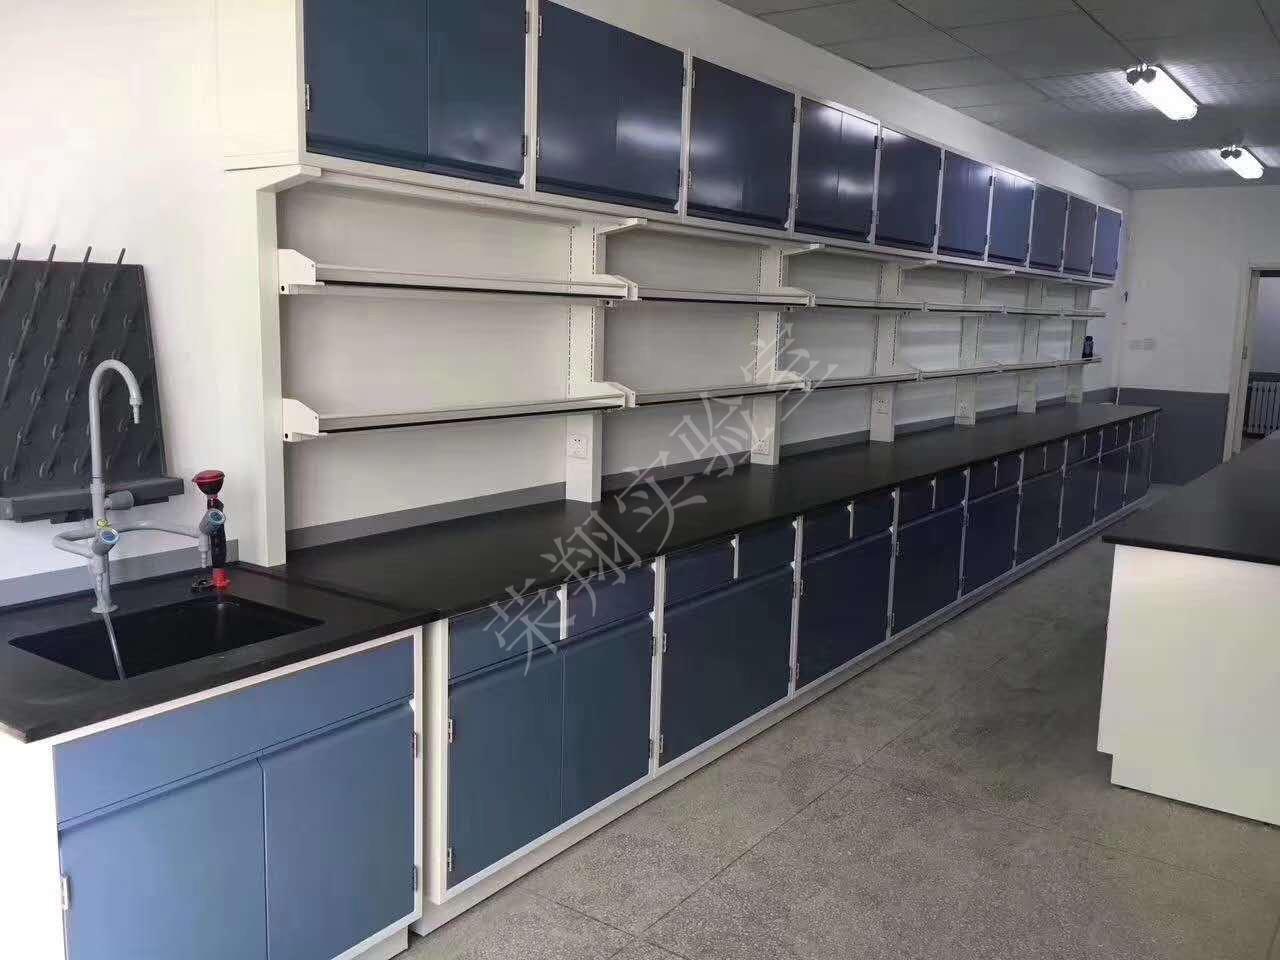 安徽新式实验台家具批发 欢迎咨询「江苏荣翔实验室设备供应」